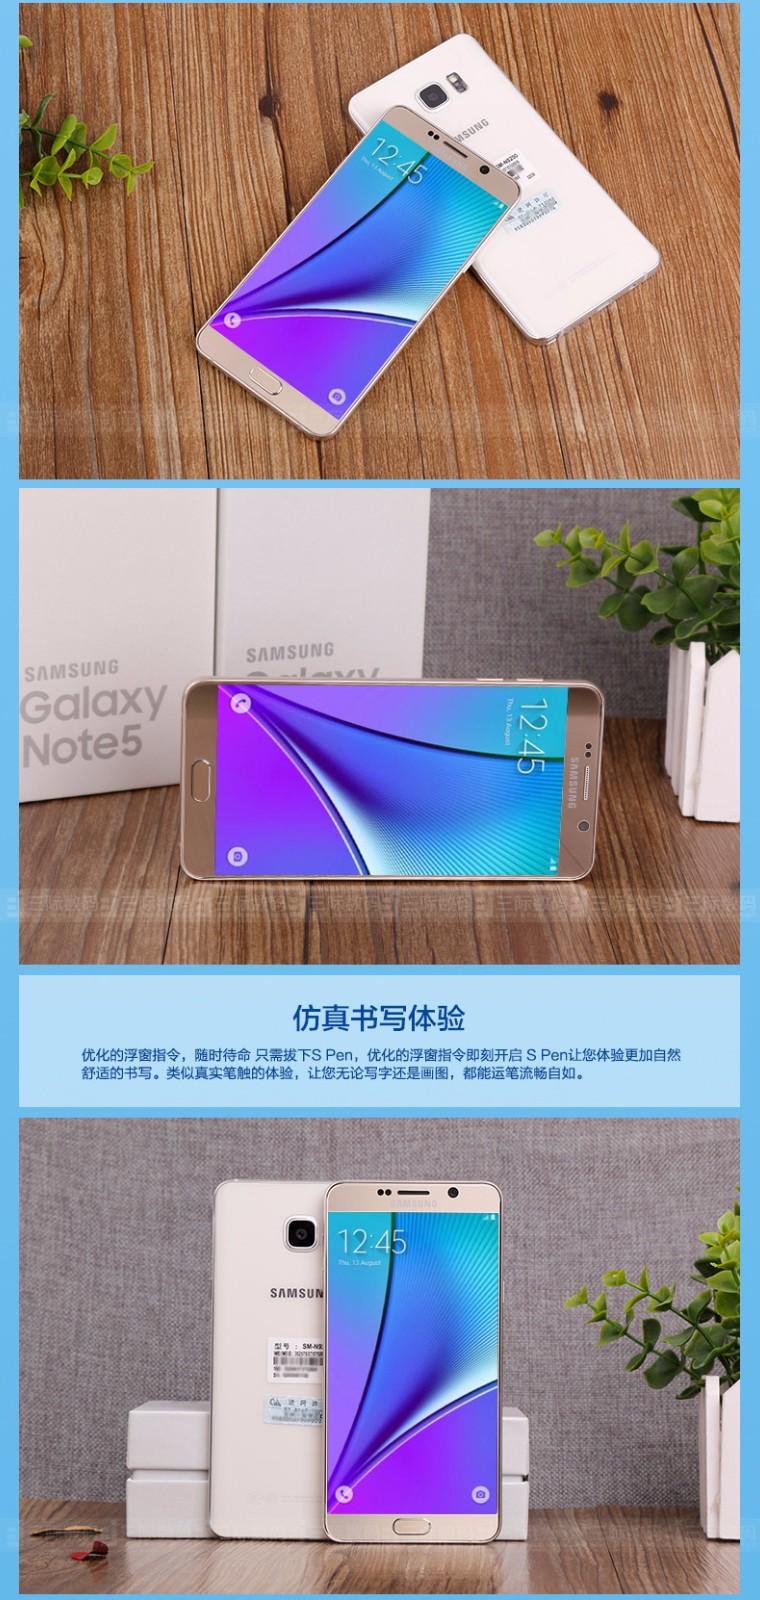 三星Galaxynote5SM-N9200not5图片七